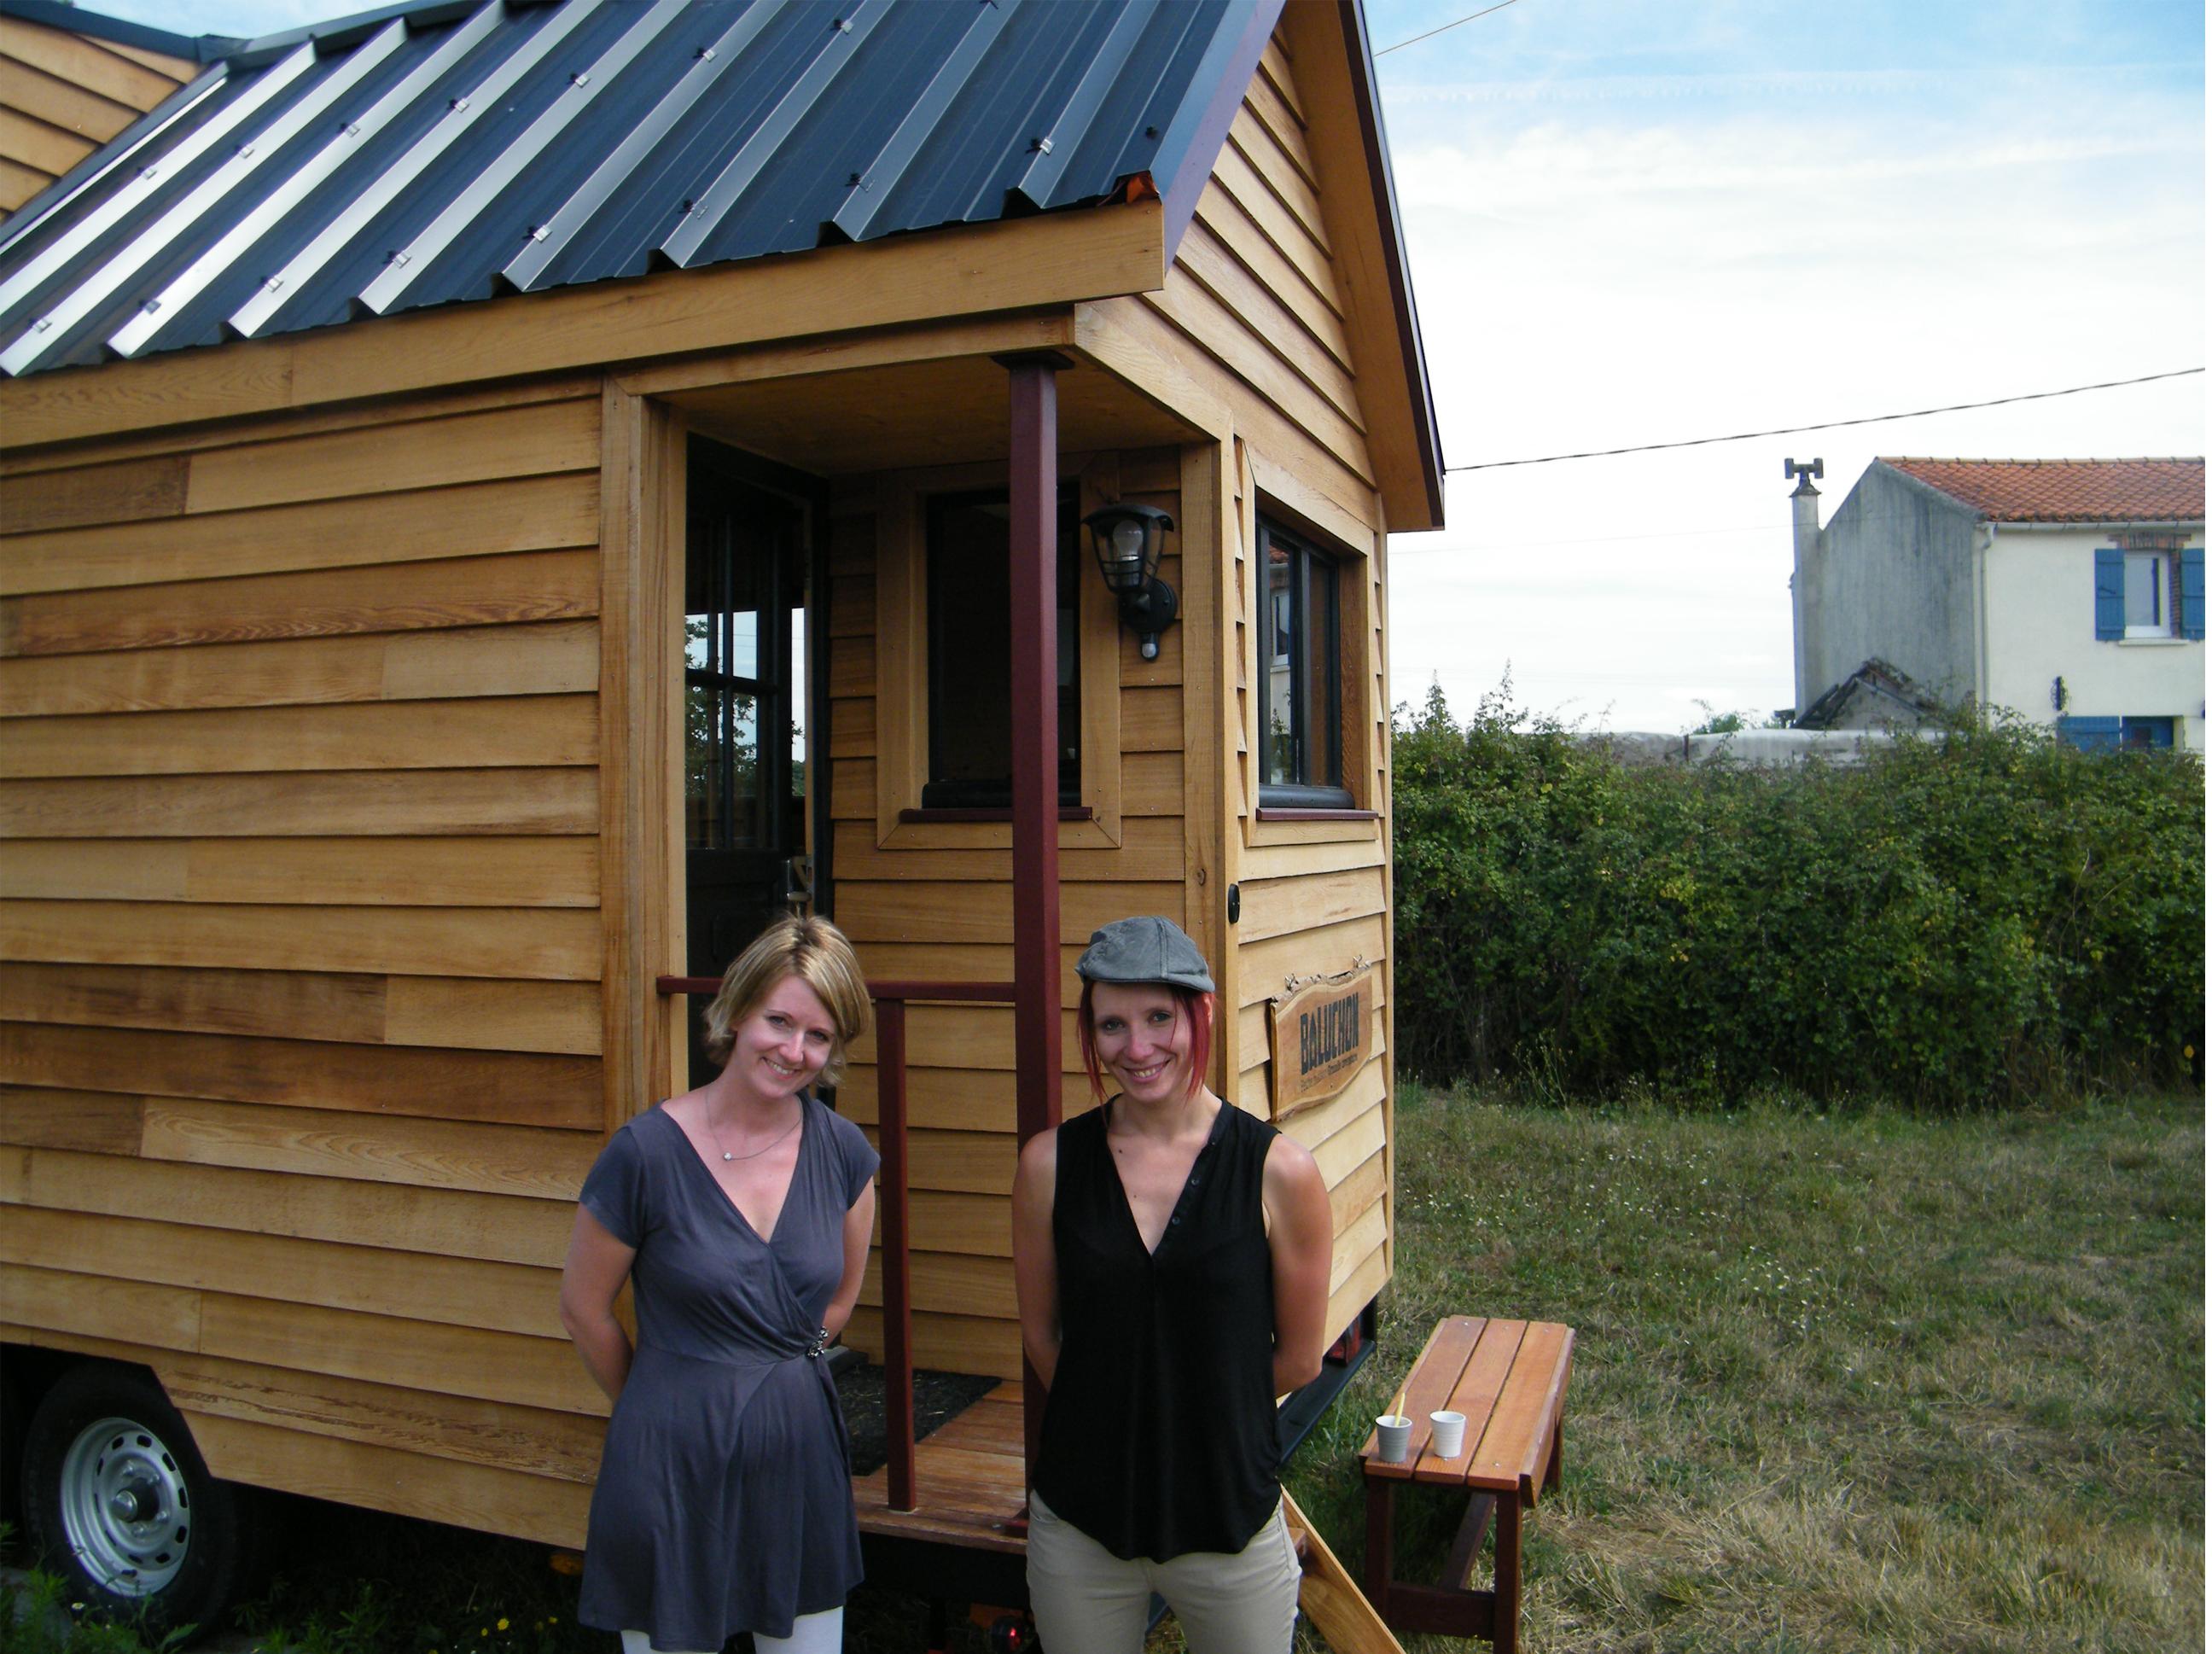 Une tiny house la fran aise nomm e baluchon 2 me for Micro maison bois